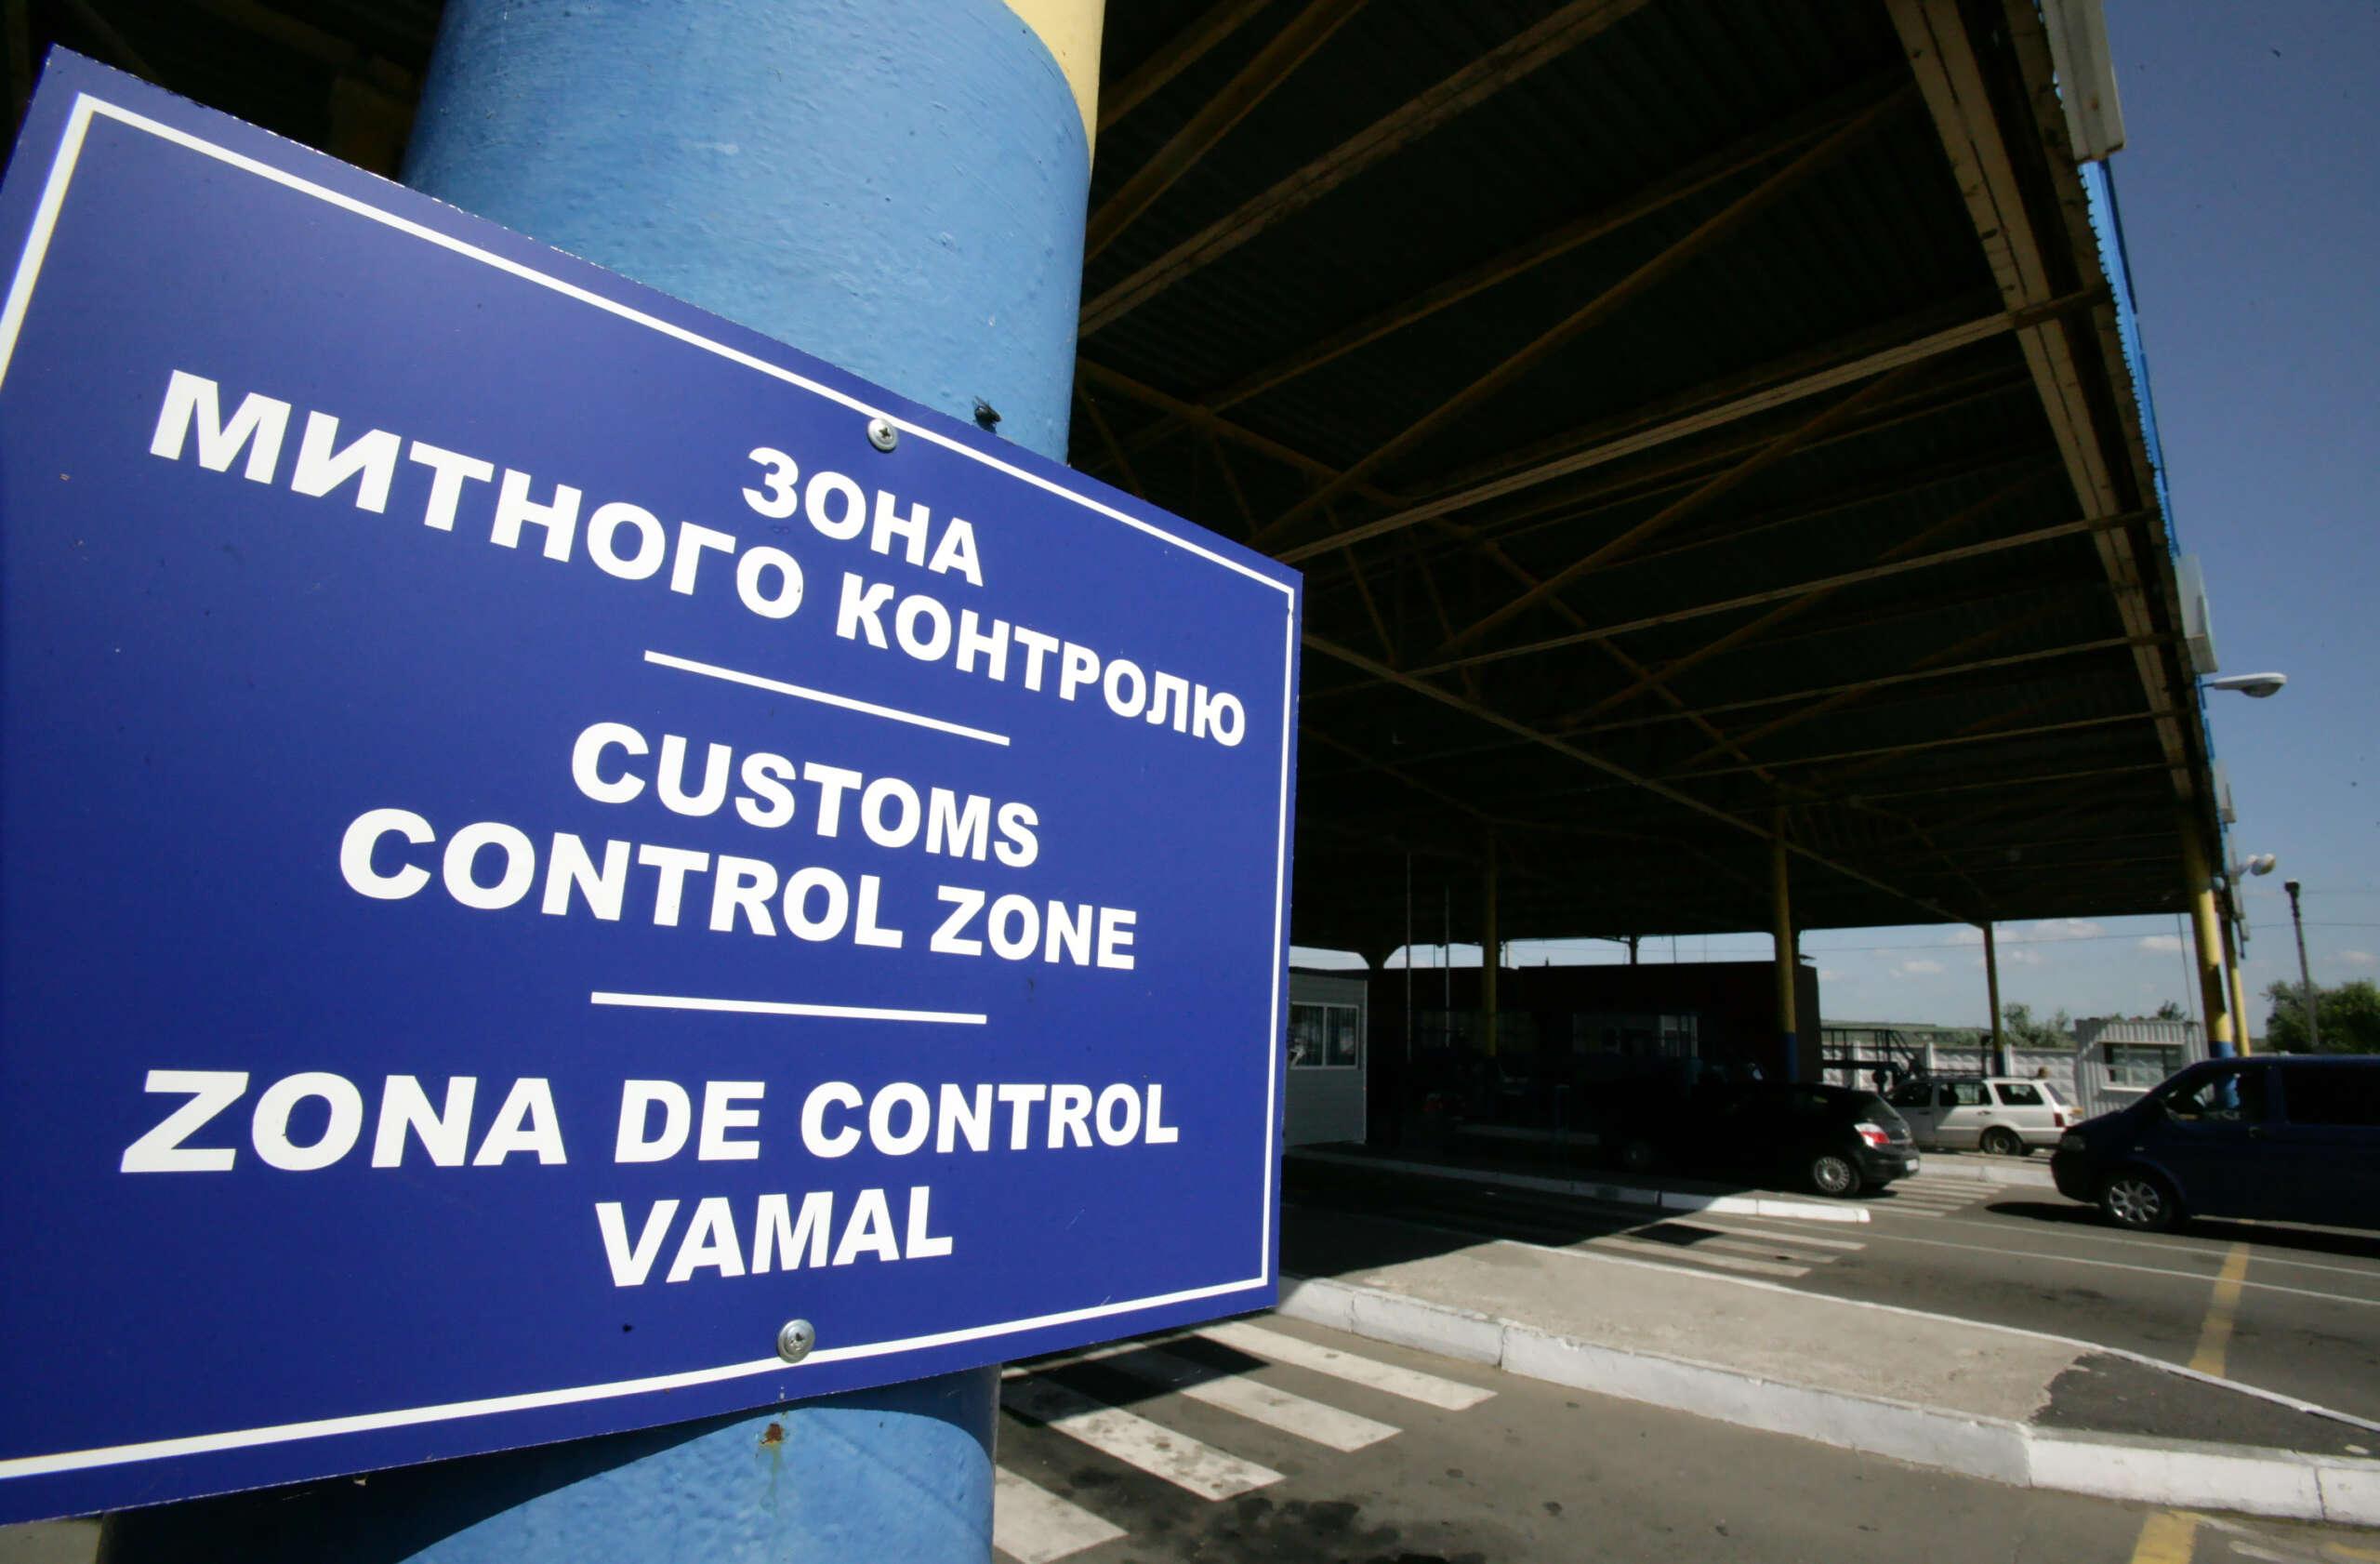 ПЦР или самоизоляция - иностранцам, въезжающим в Украину, дали выбор